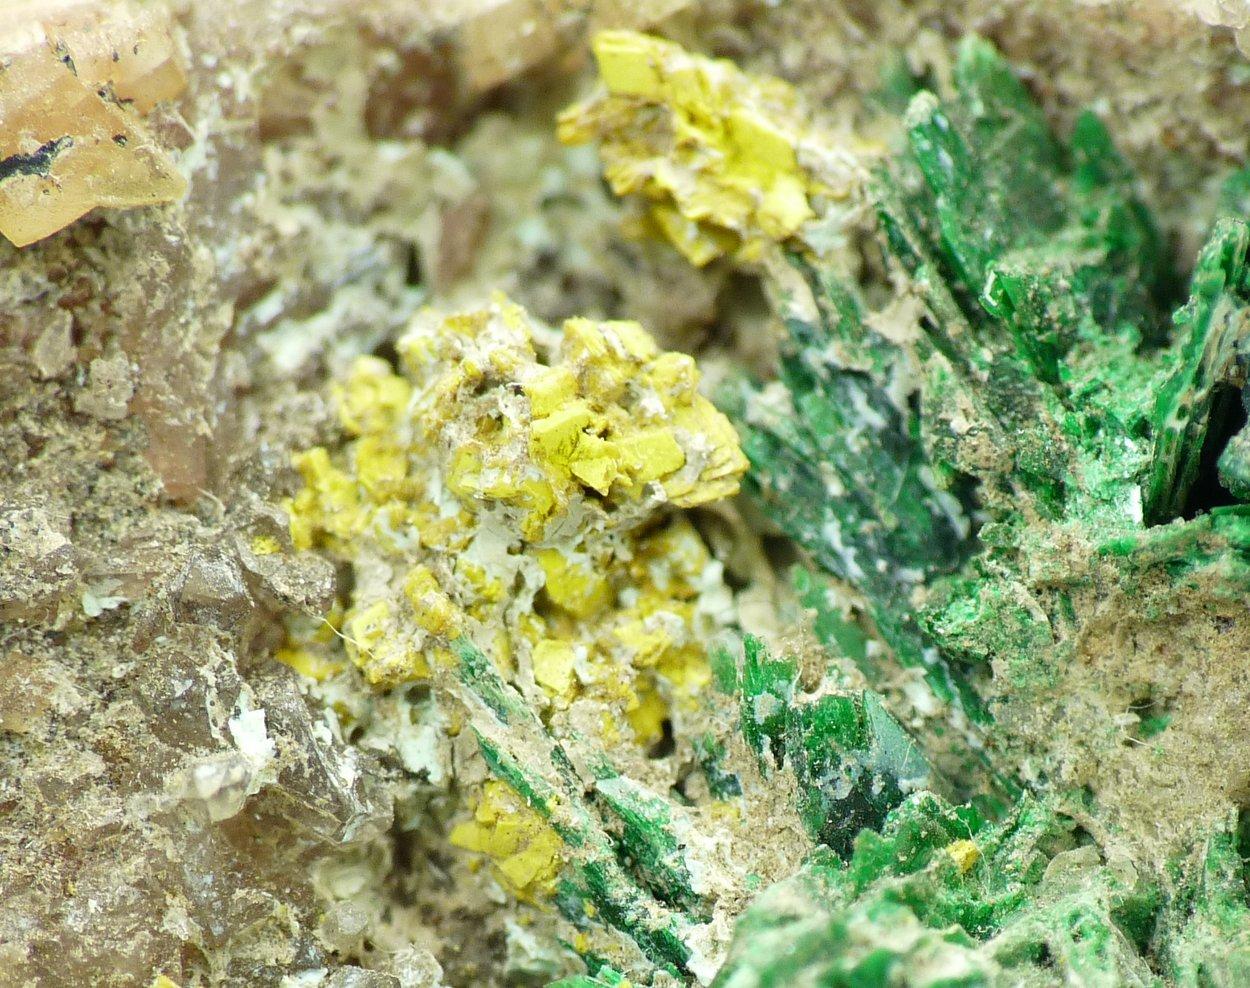 Metatyuyamunite & Malachite On Dolomite